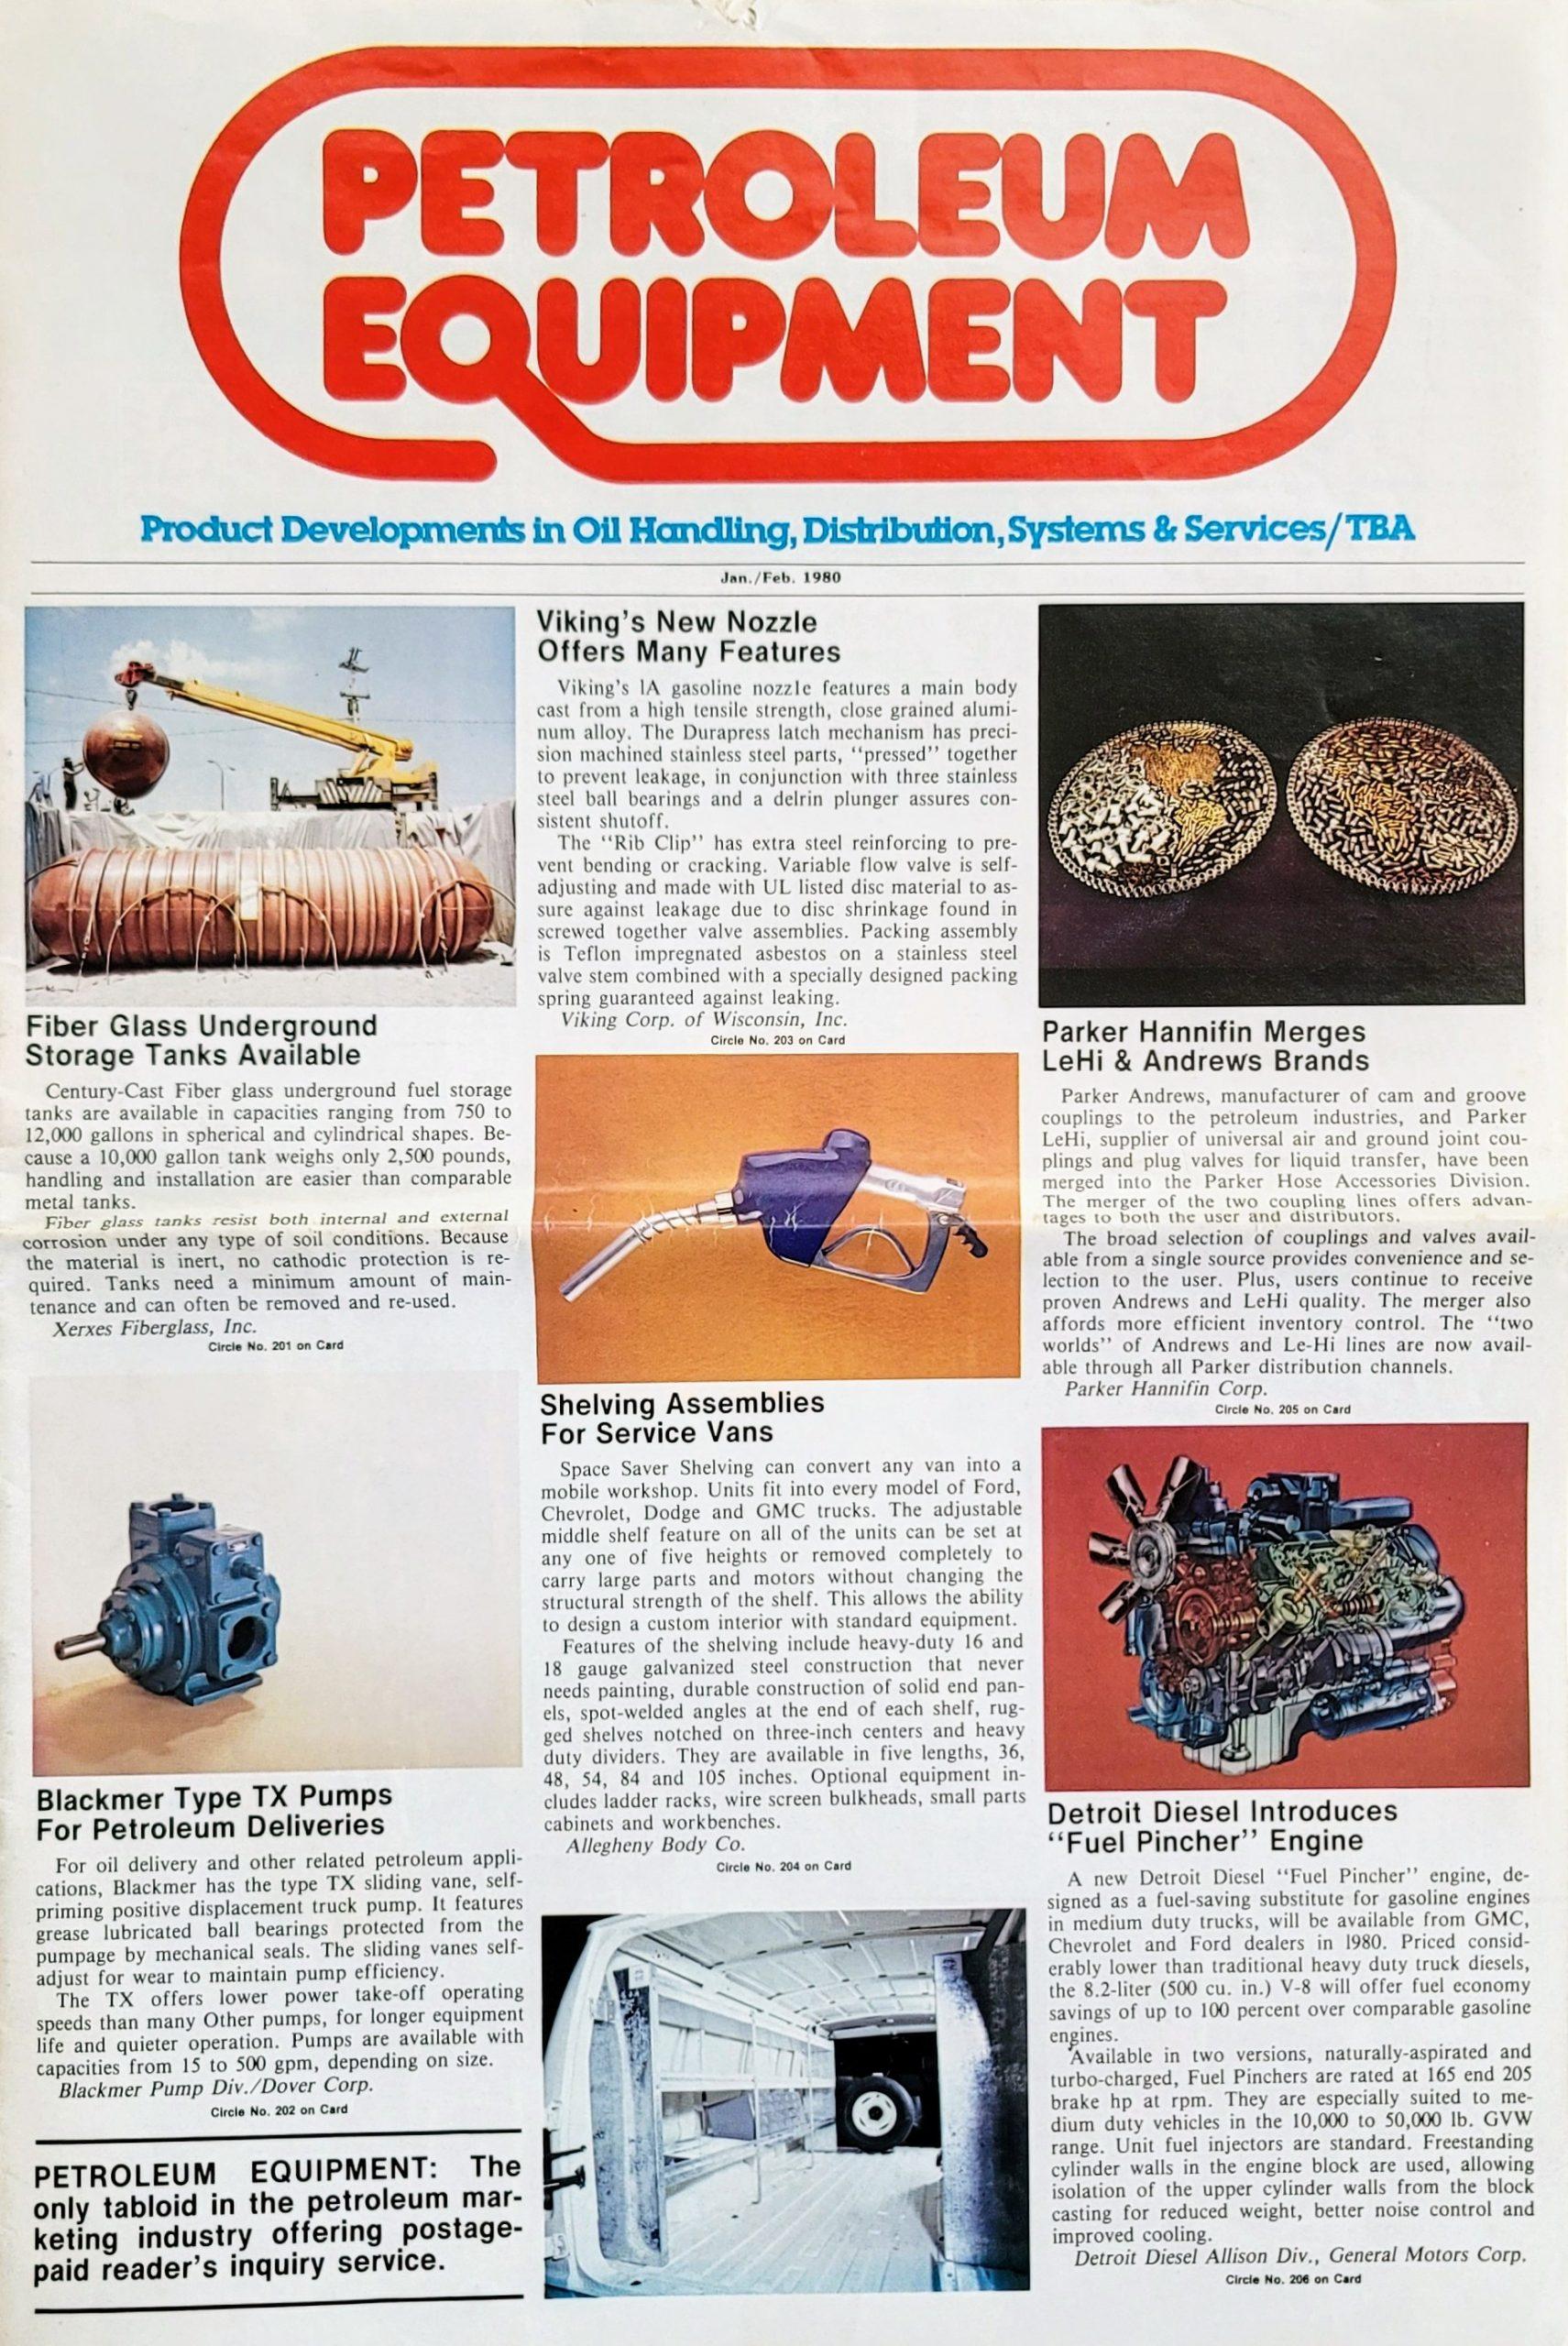 Publex_Petroleum Equipment